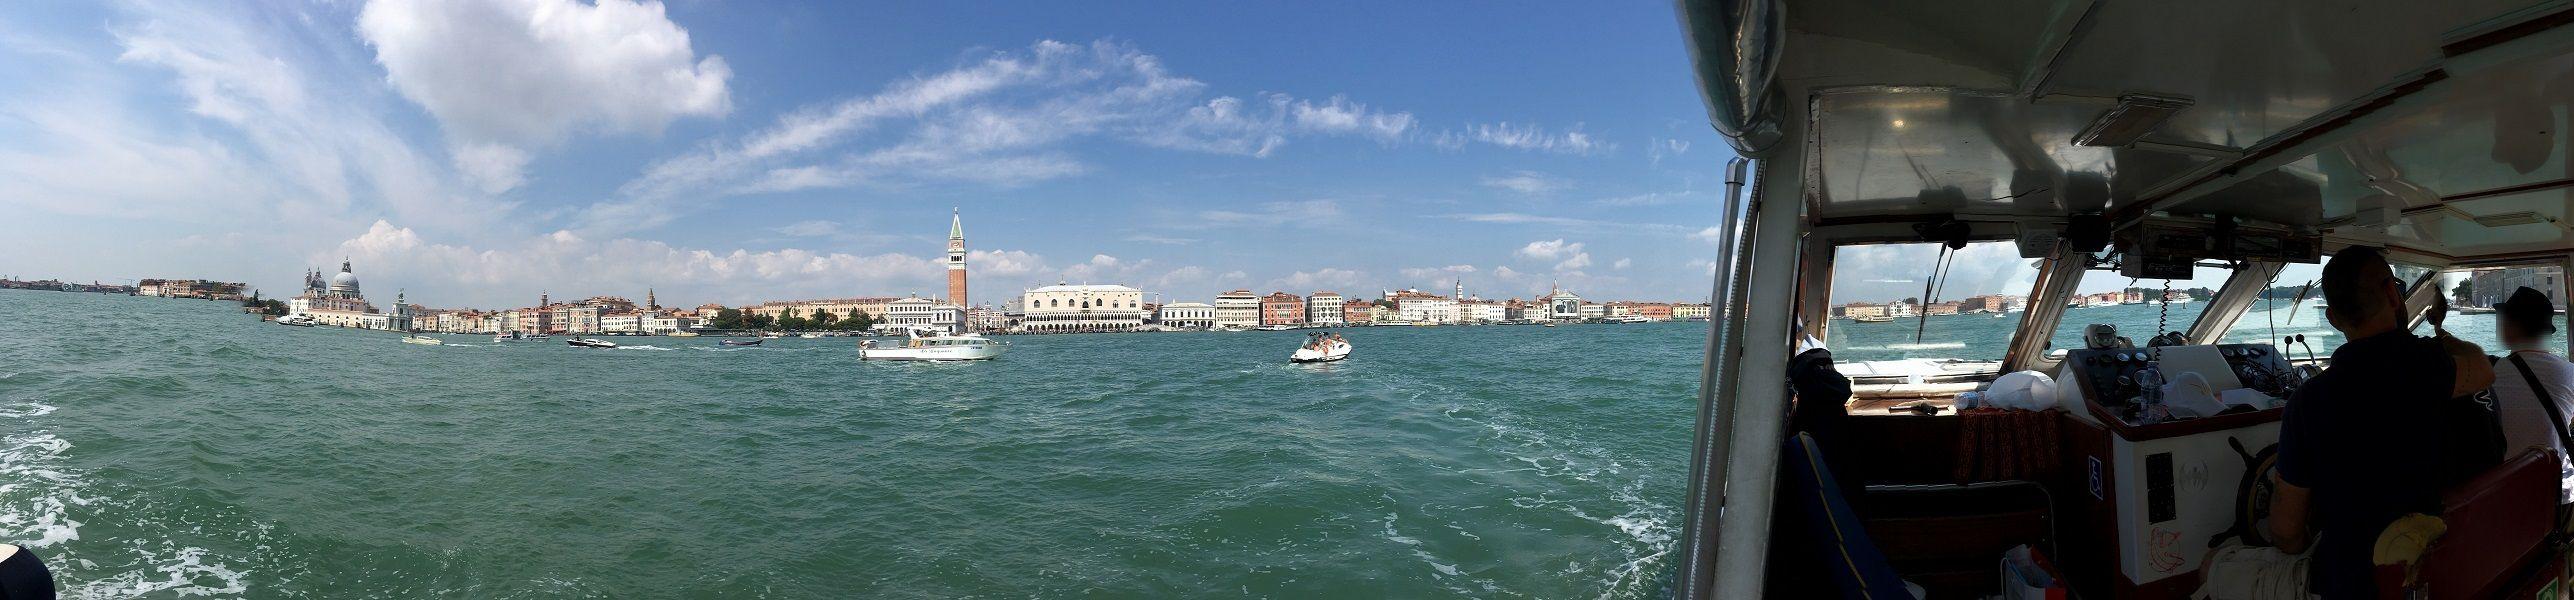 イタリア ヴェネツィア 船からの眺め4